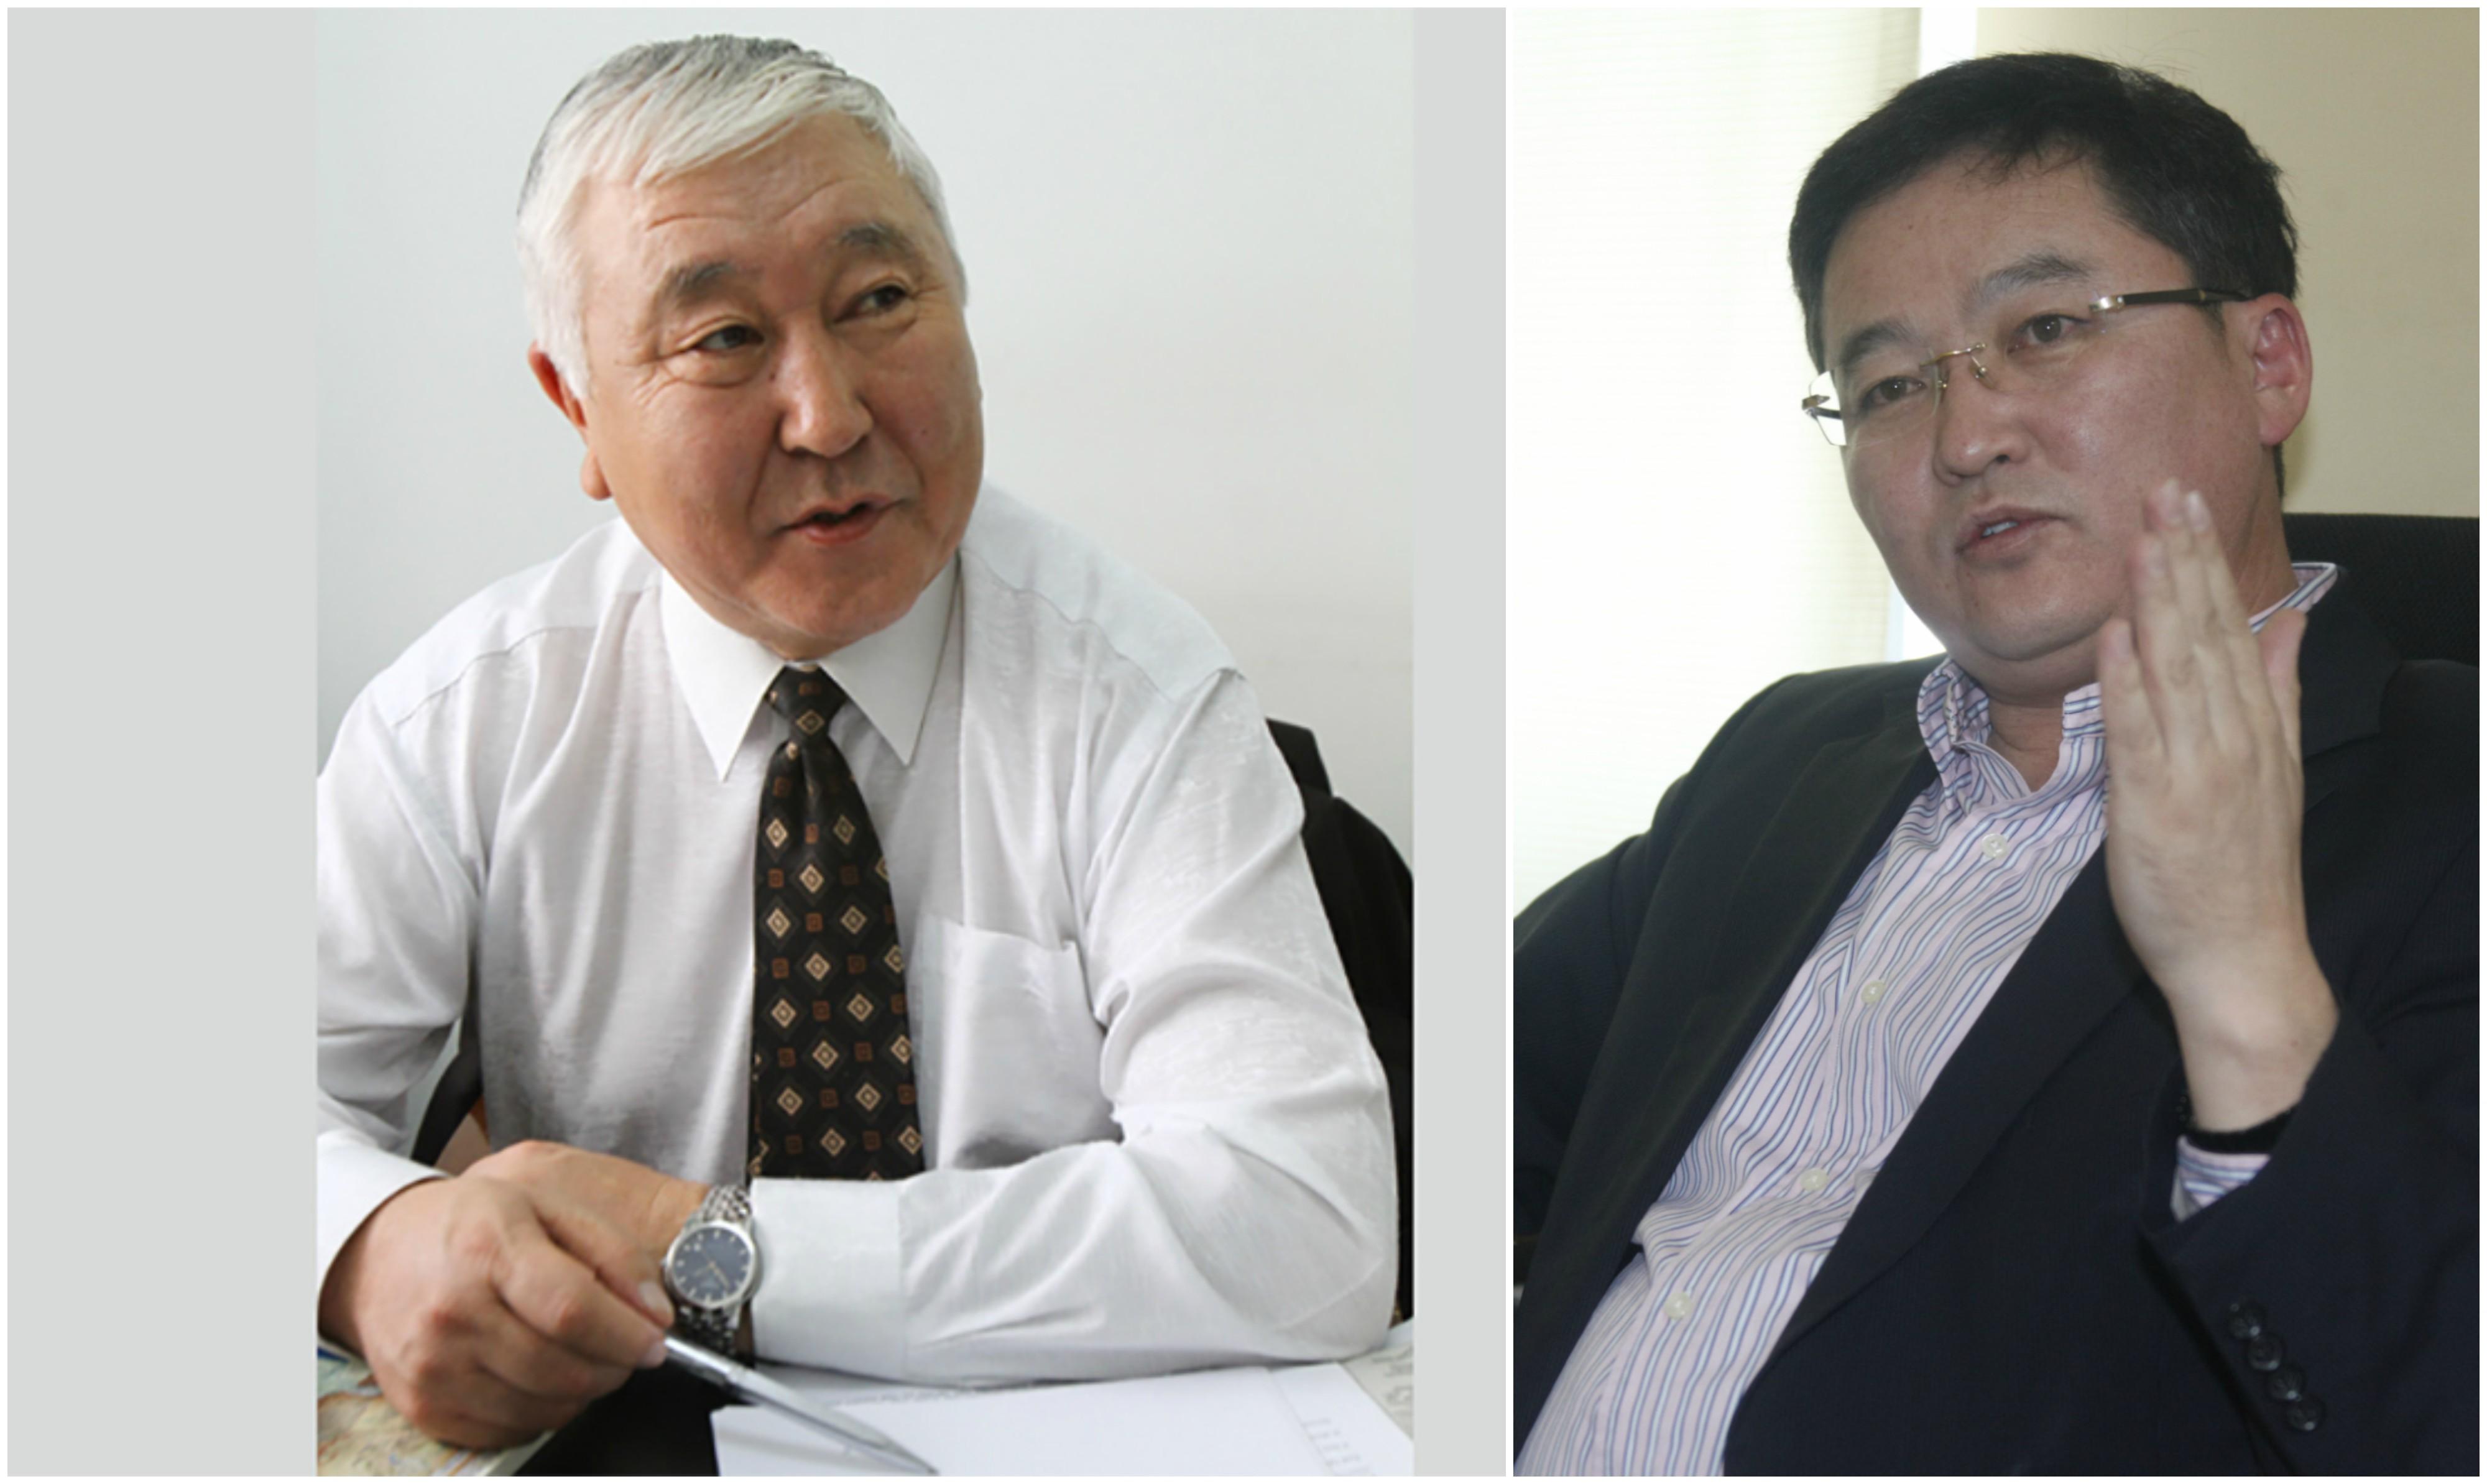 Монголбанкны хяналтын зөвлөлийн даргаар Д.Даваасамбуу, гишүүнээр Б.Лхагважав нарыг томиллоо